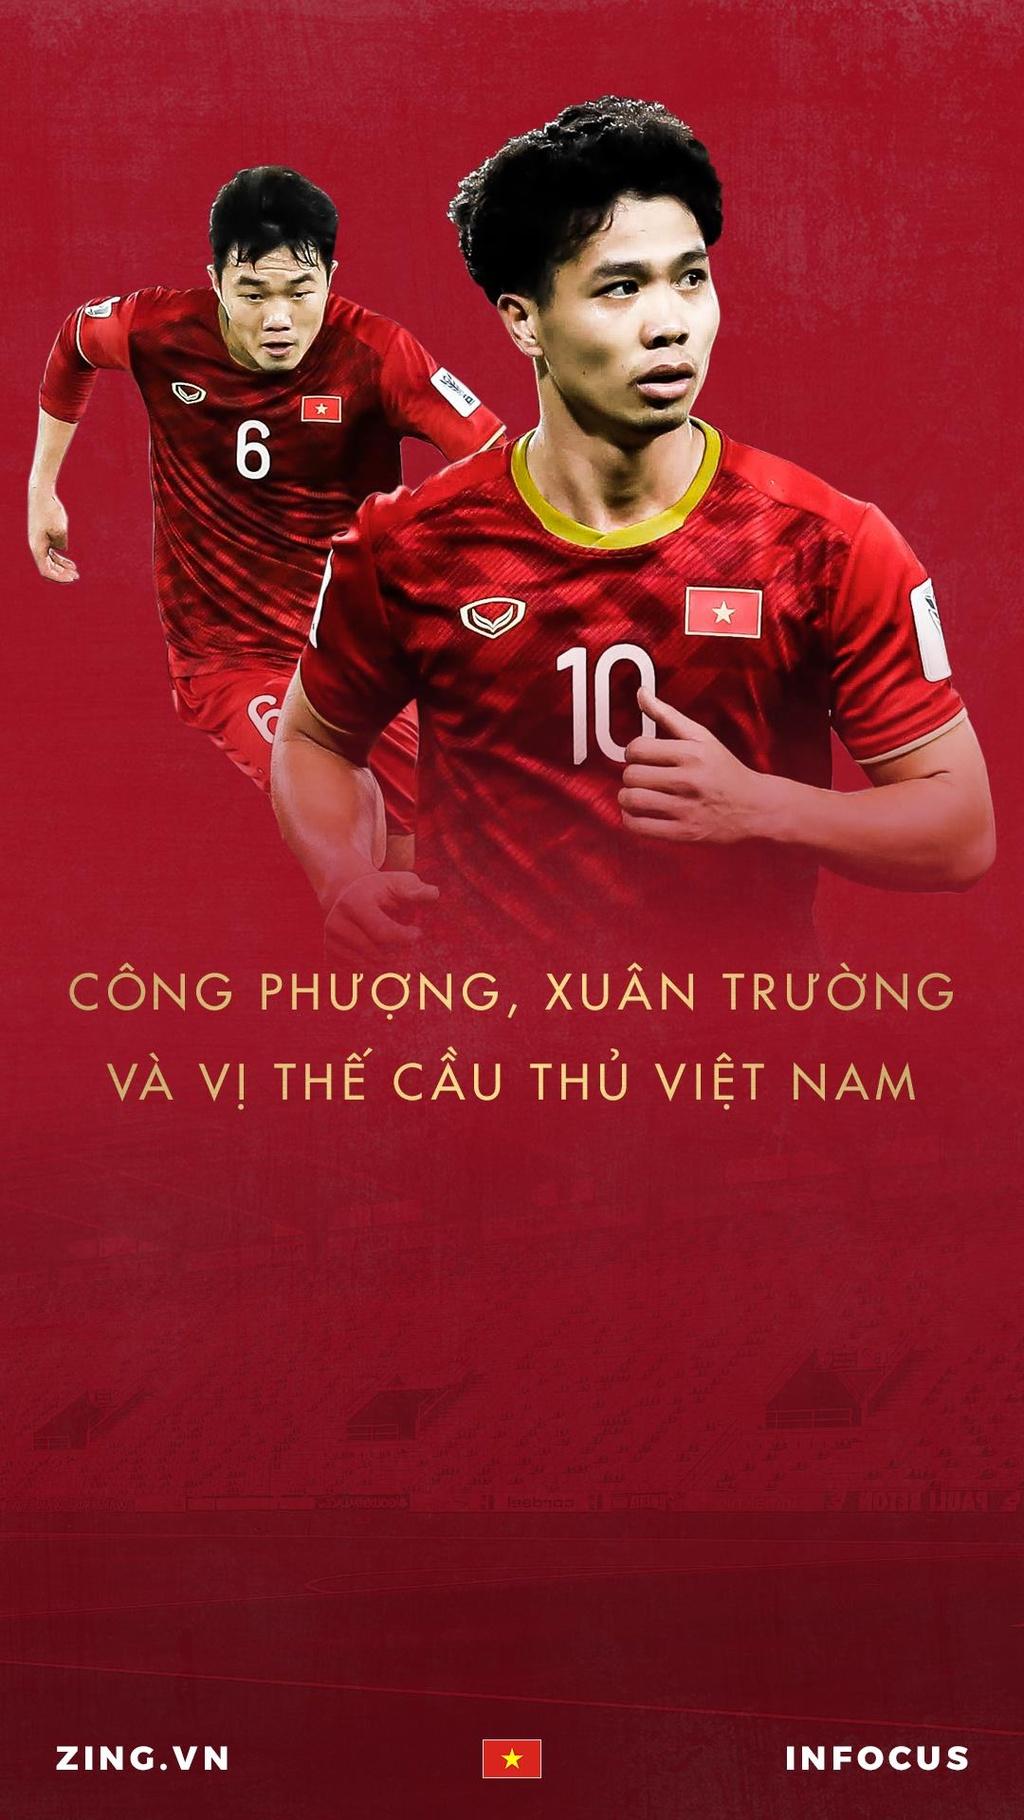 Den Bi co phai co hoi vang cua Cong Phuong? hinh anh 1